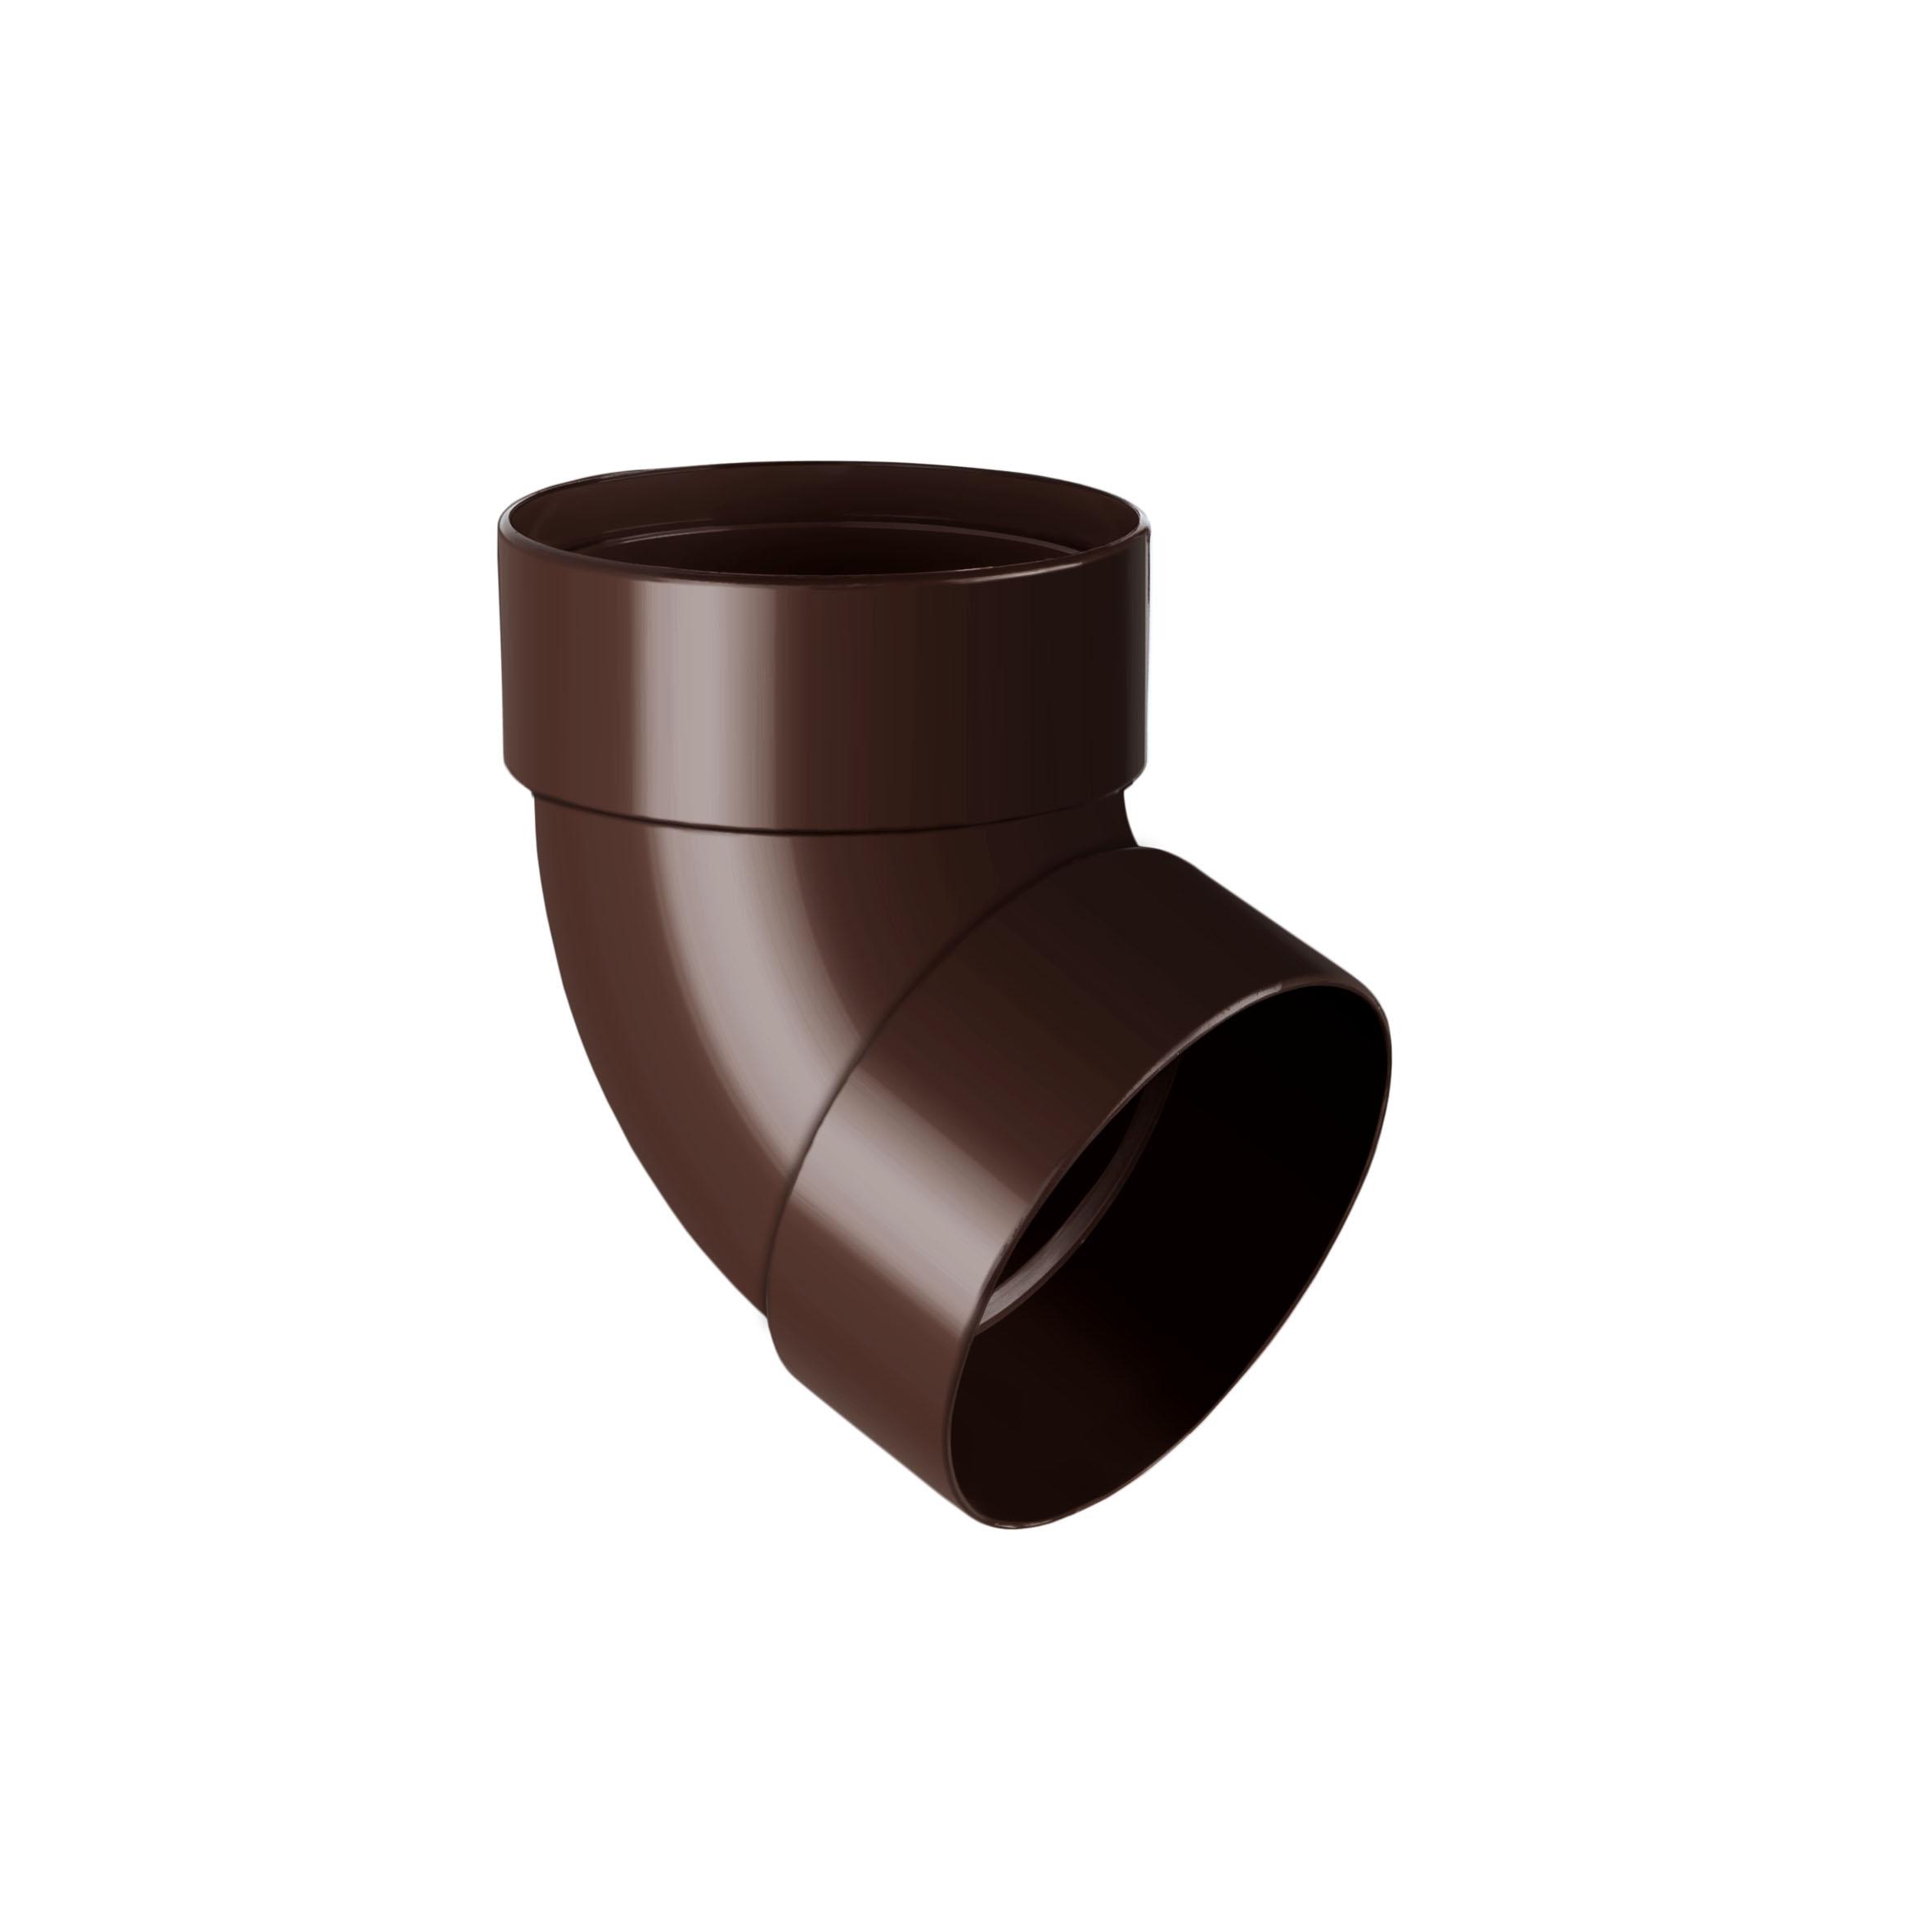 Відвід труби двомуфтовий 67°, коричневий 100мм/Ø RainWay